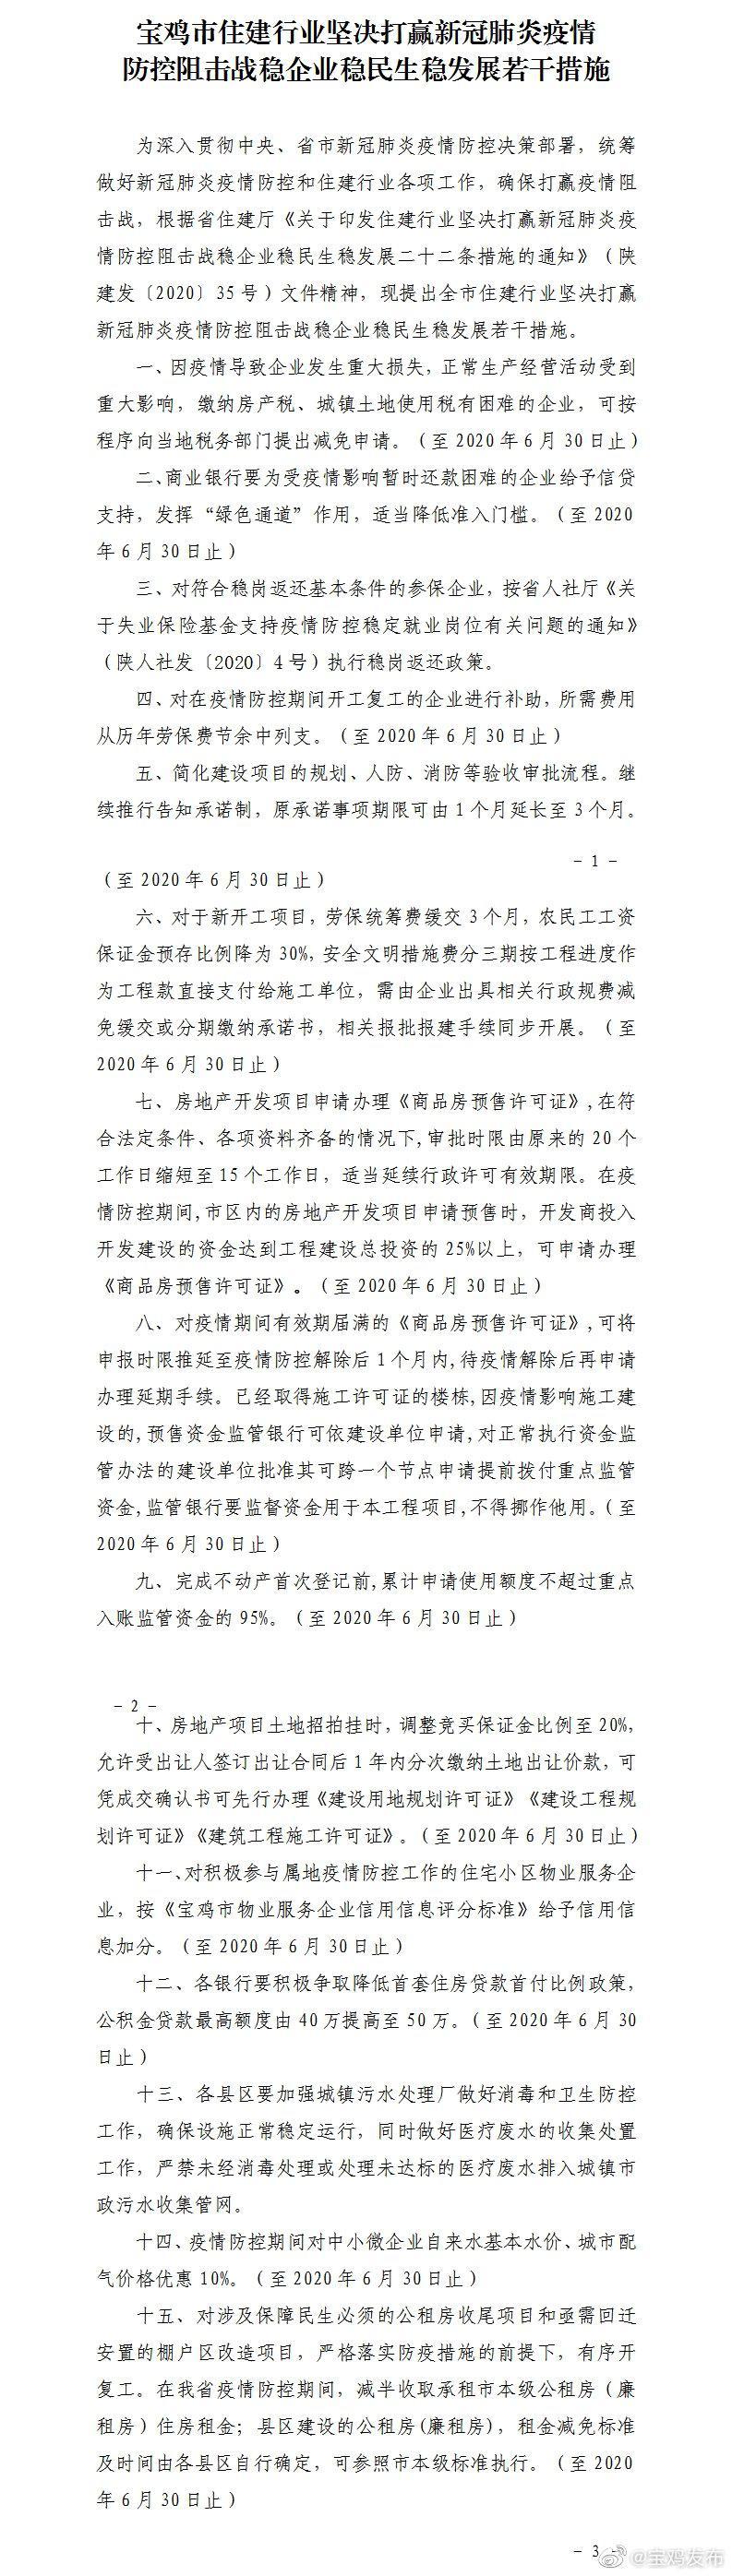 宝鸡市人民政府办公室印发《宝鸡市住建行业坚决打赢新冠肺炎疫情防控